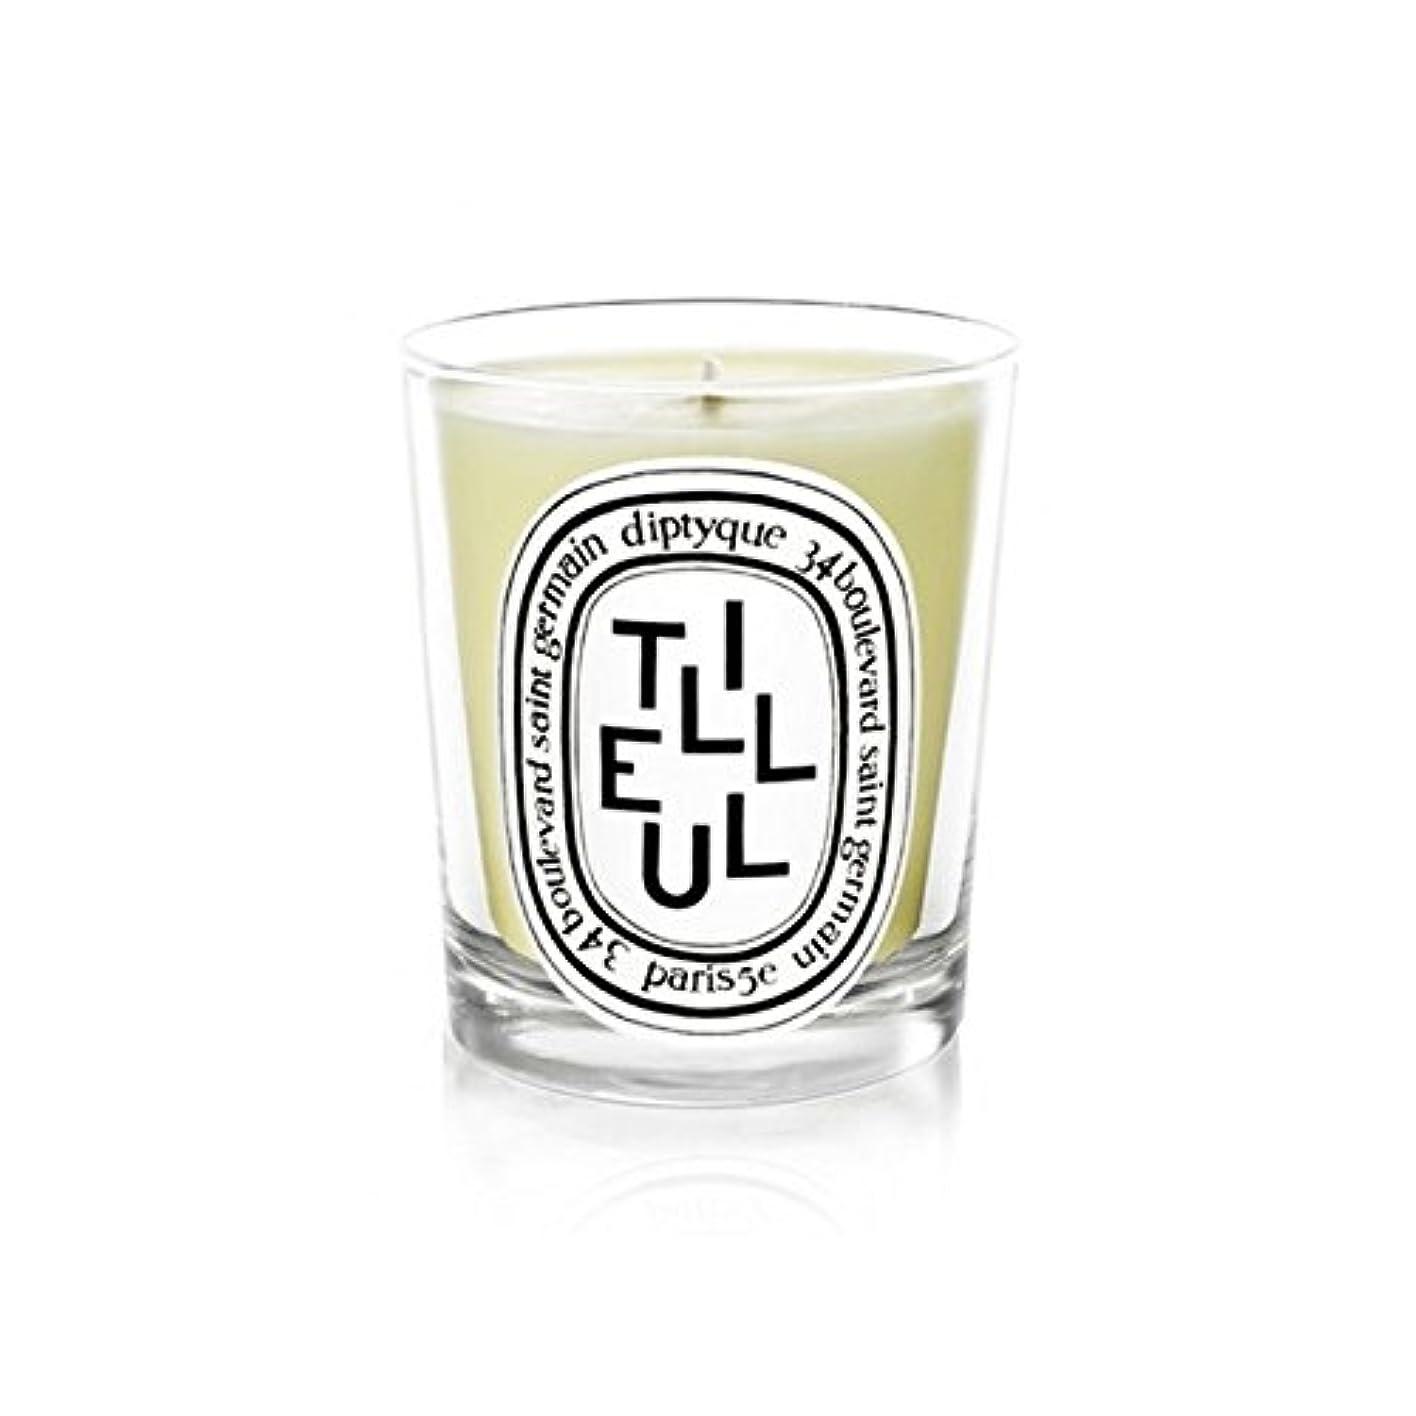 潮コーデリア環境保護主義者Diptyque Candle Tilleul / Linden Tree 190g (Pack of 2) - DiptyqueキャンドルTilleulの/菩提樹の190グラム (x2) [並行輸入品]